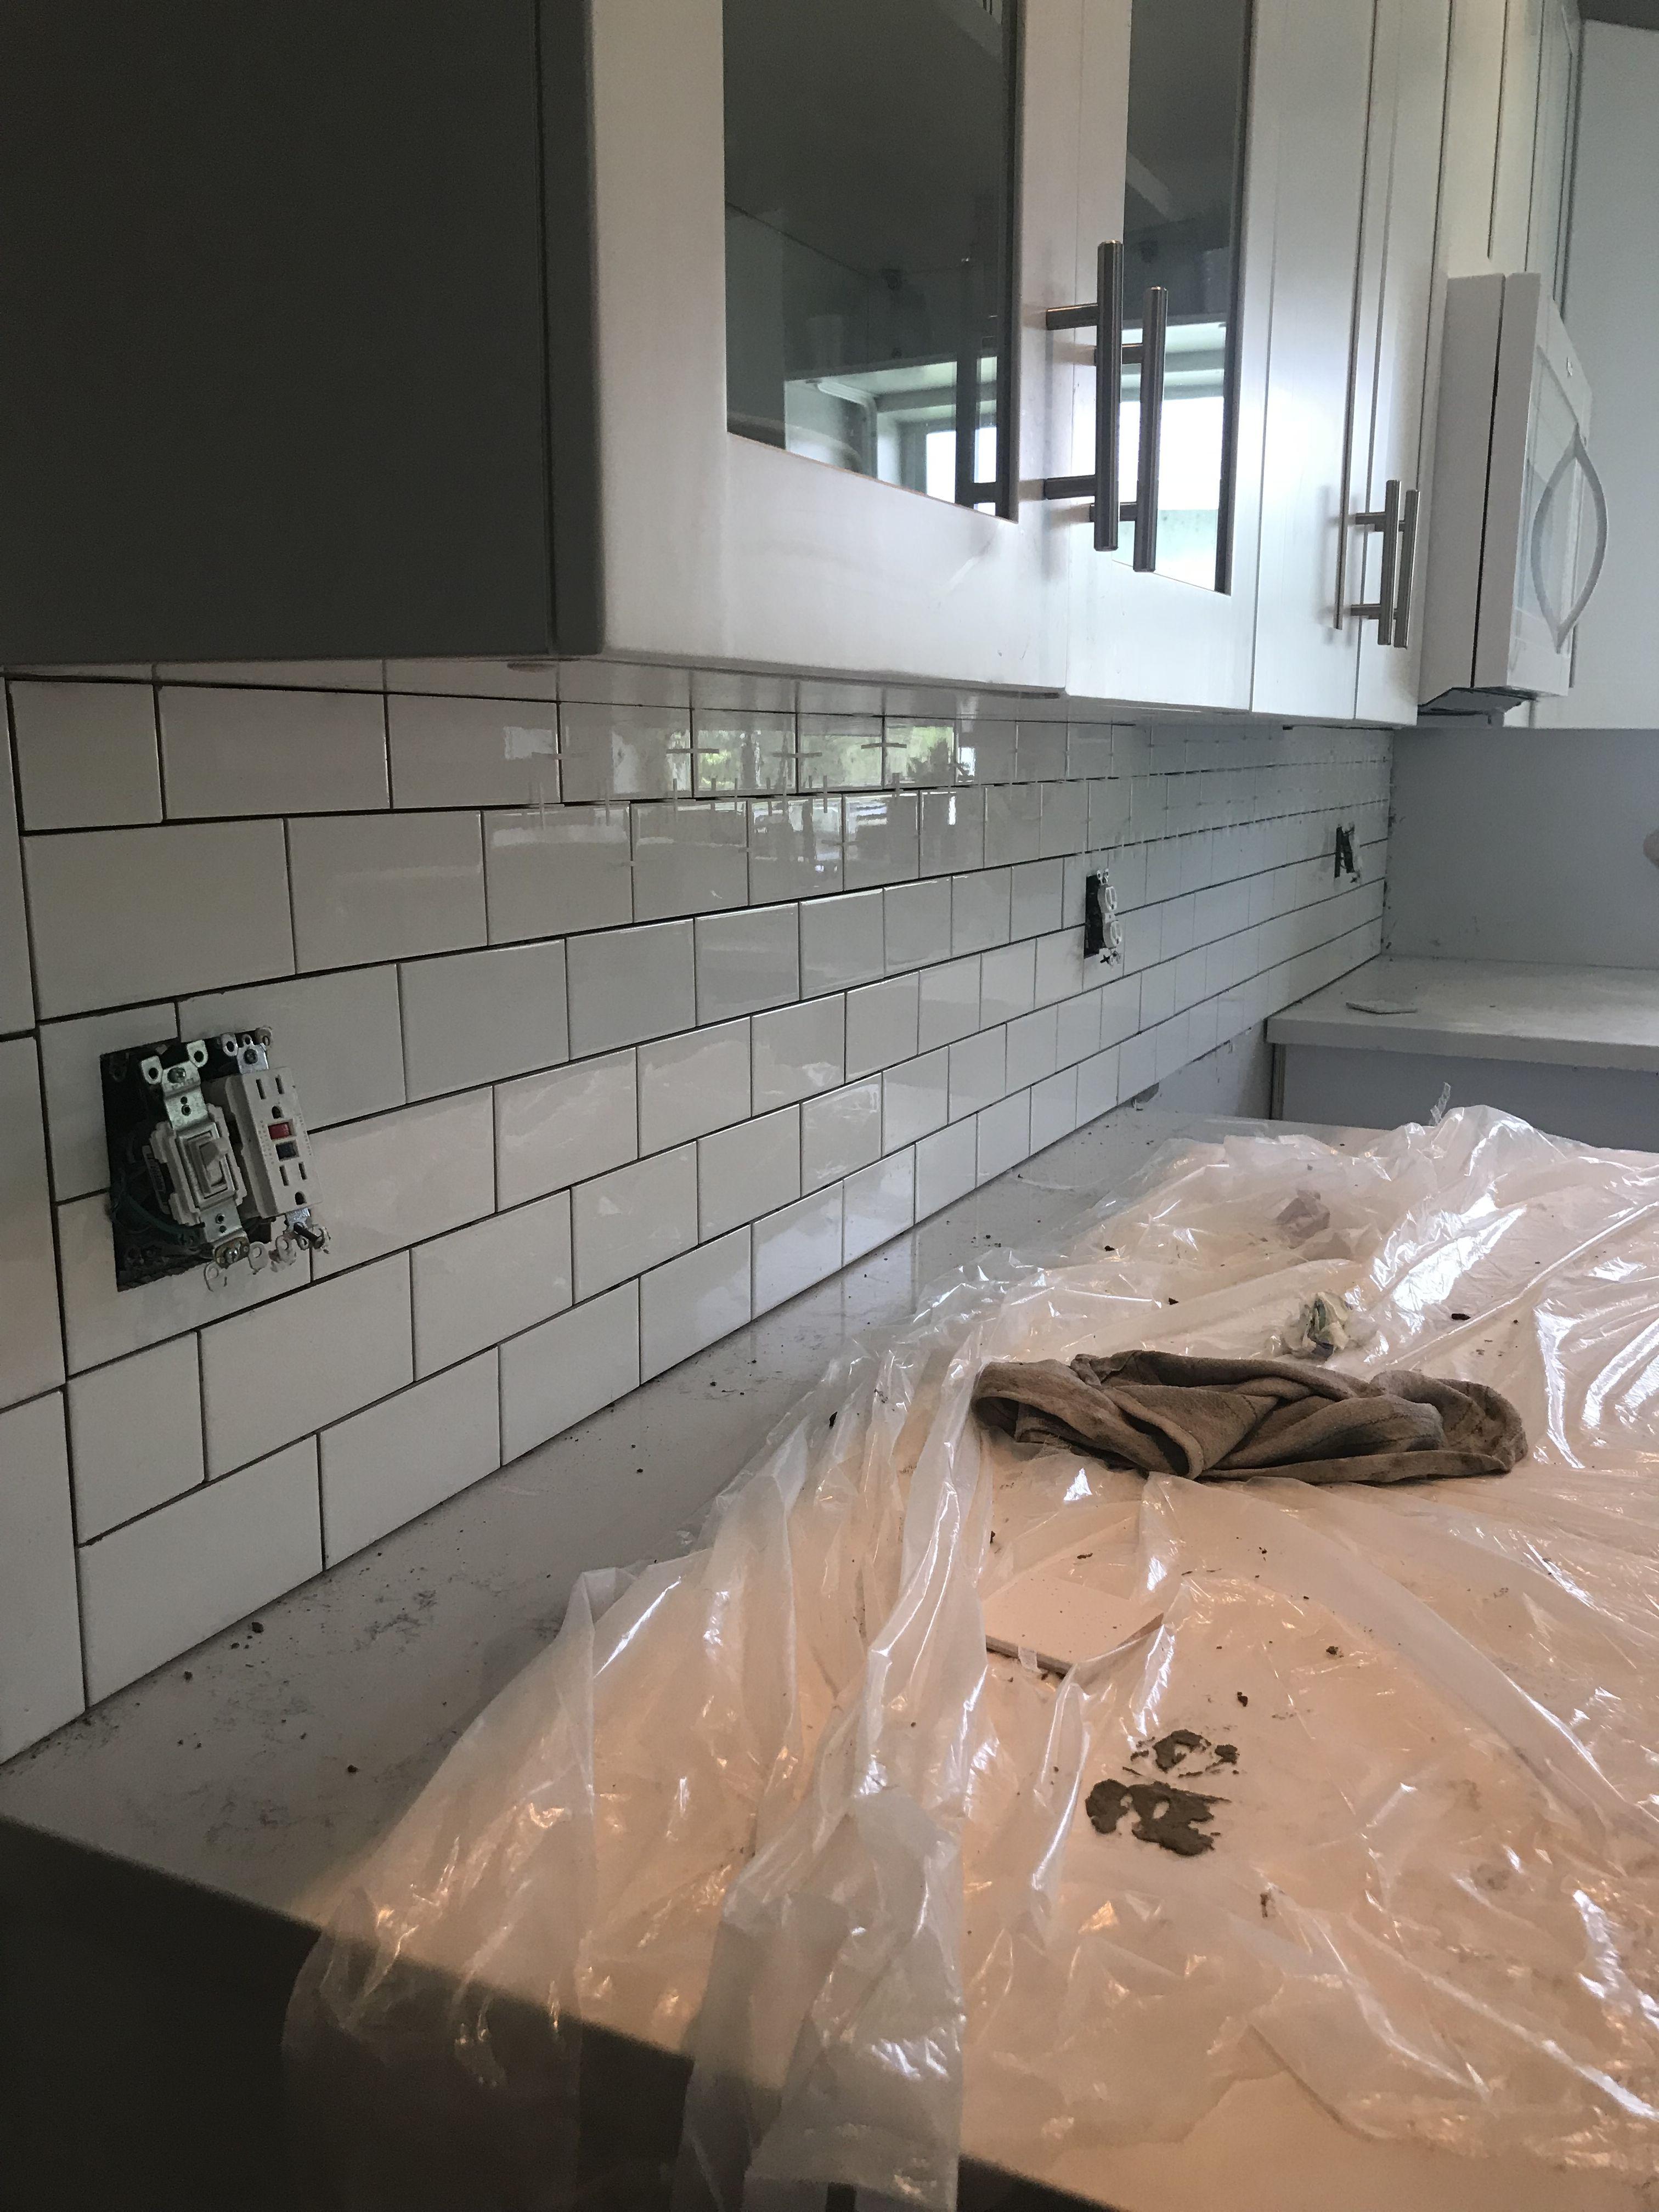 Subway tile kitchen backsplash spacers used kitchen in